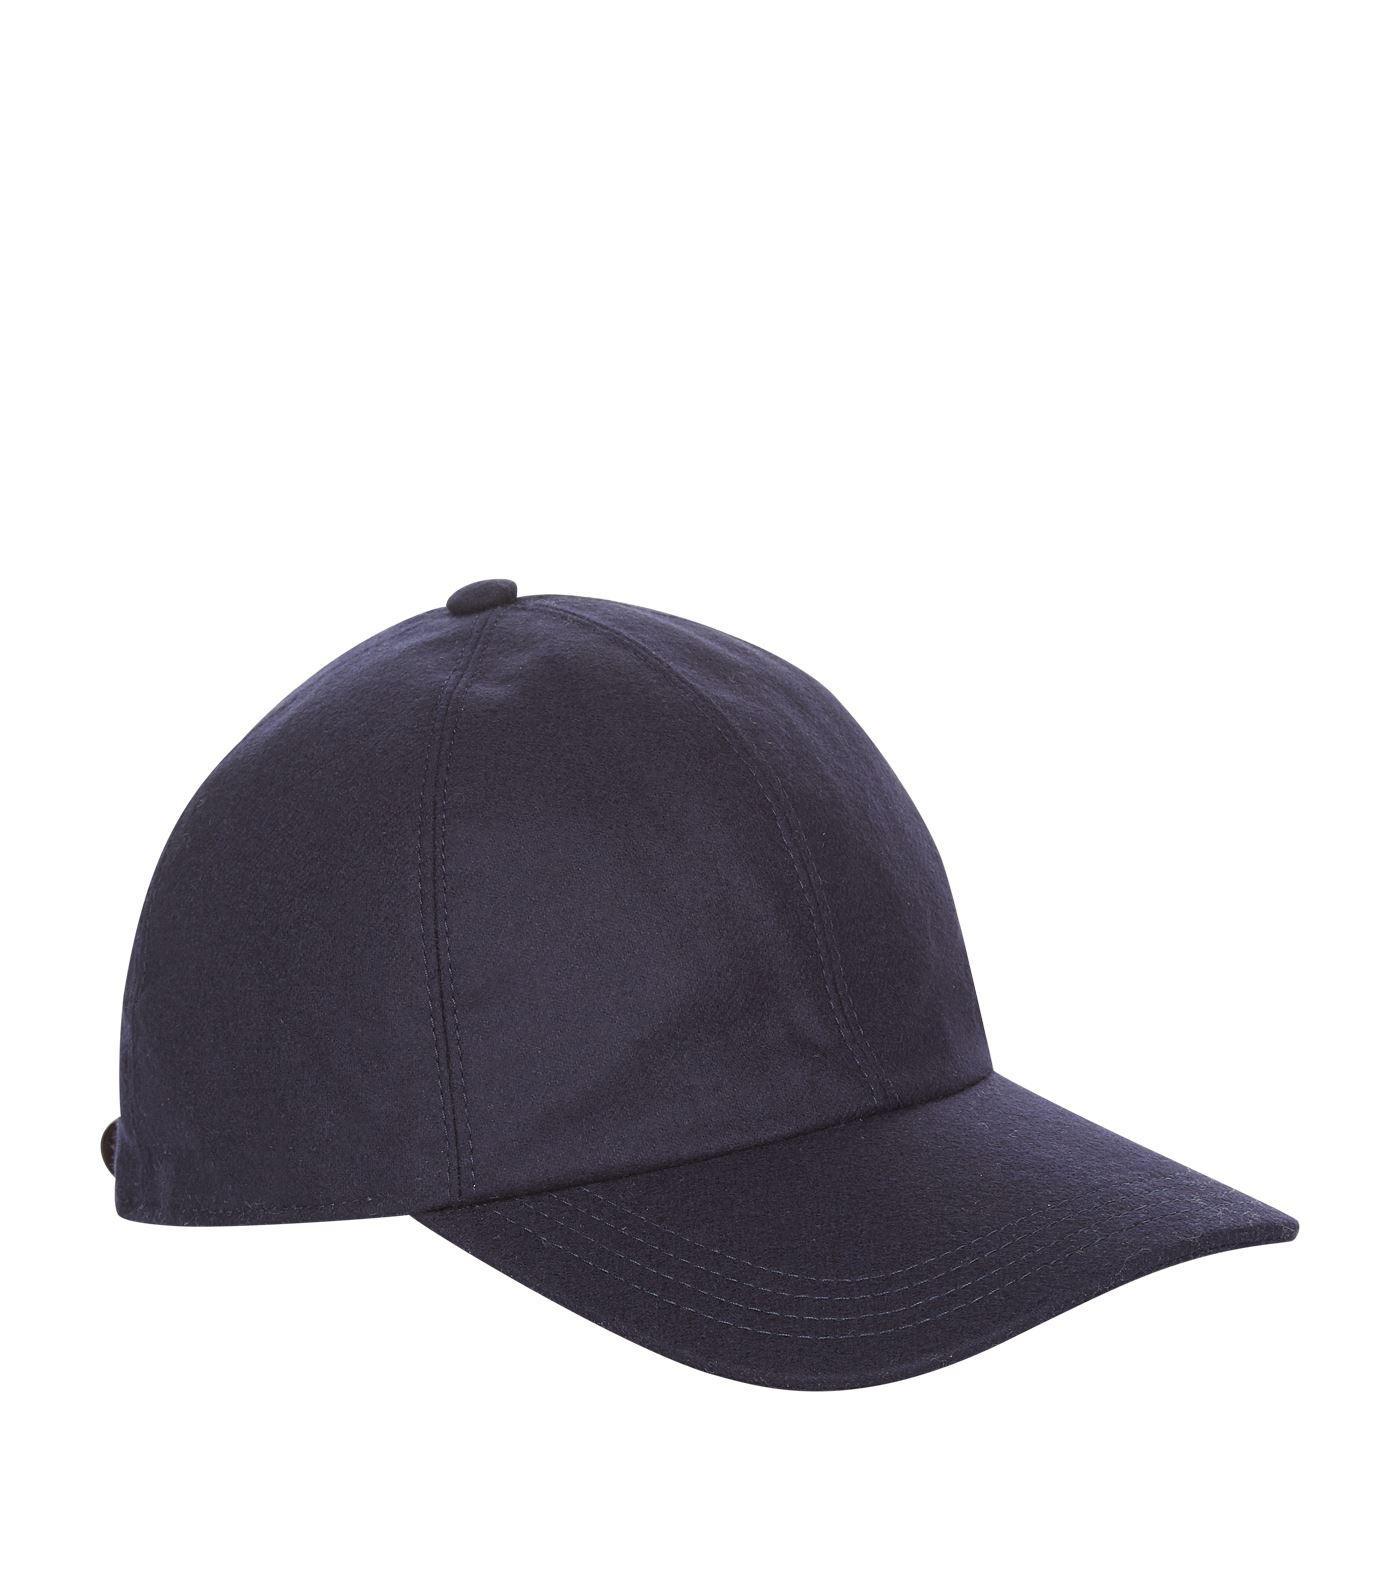 ea3ba753fe5 Lyst - Brunello Cucinelli Wool Felt Baseball Cap in Blue for Men